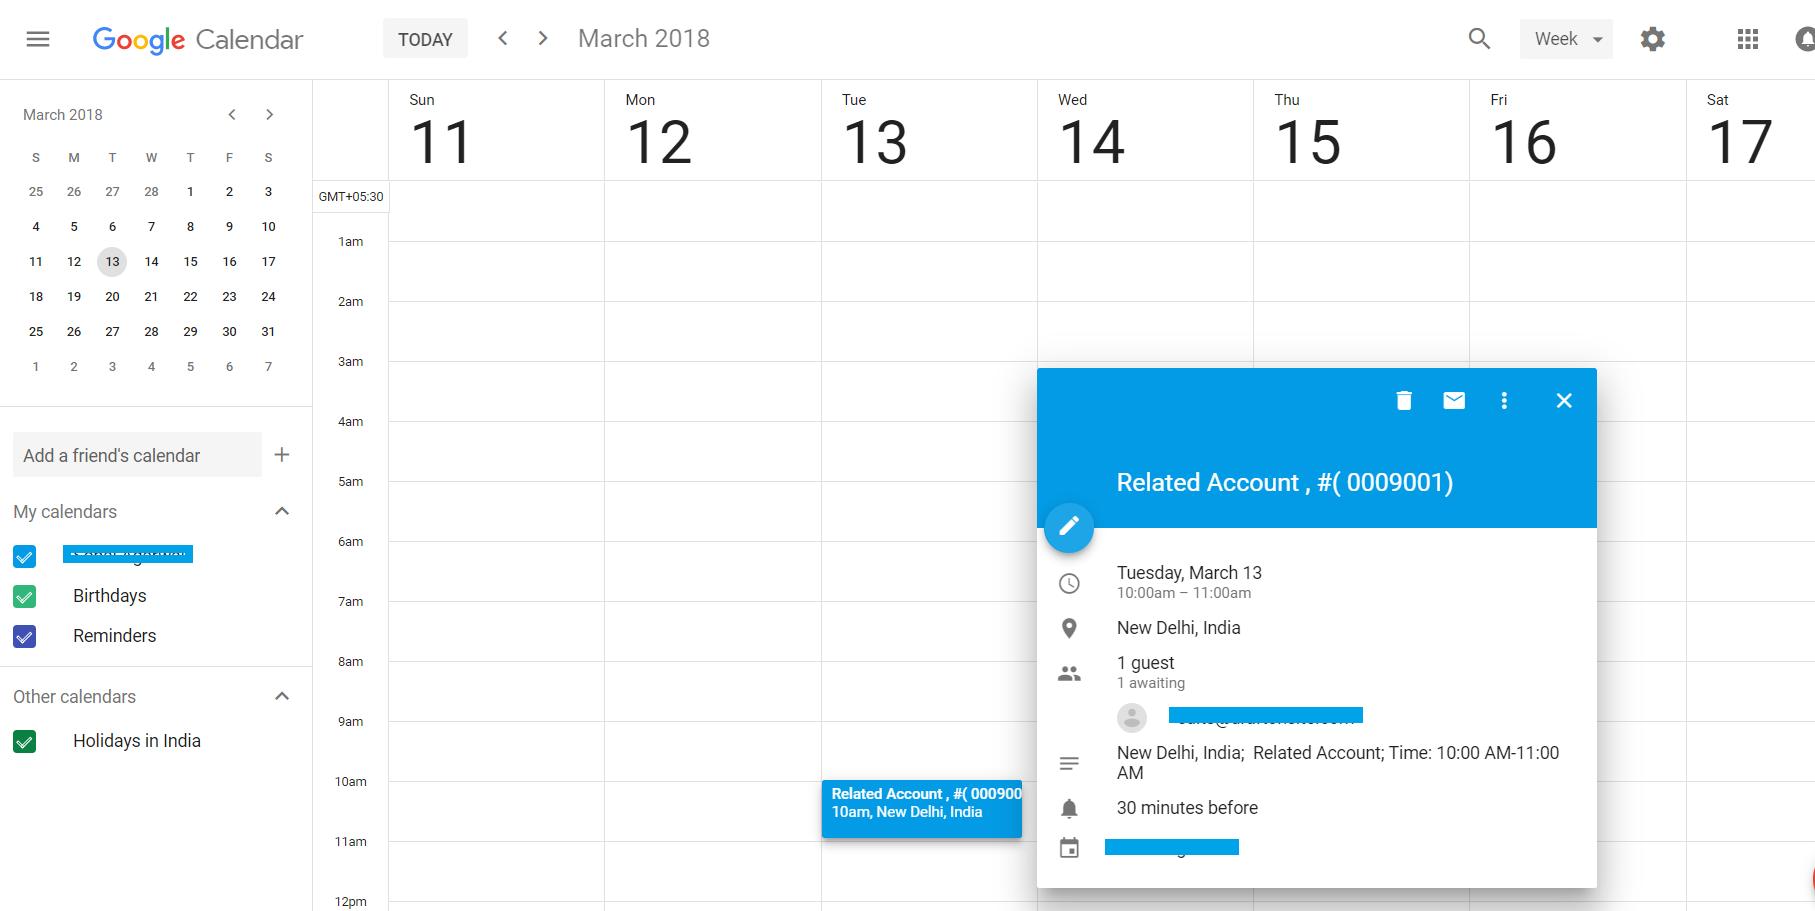 Google Calendar Event image